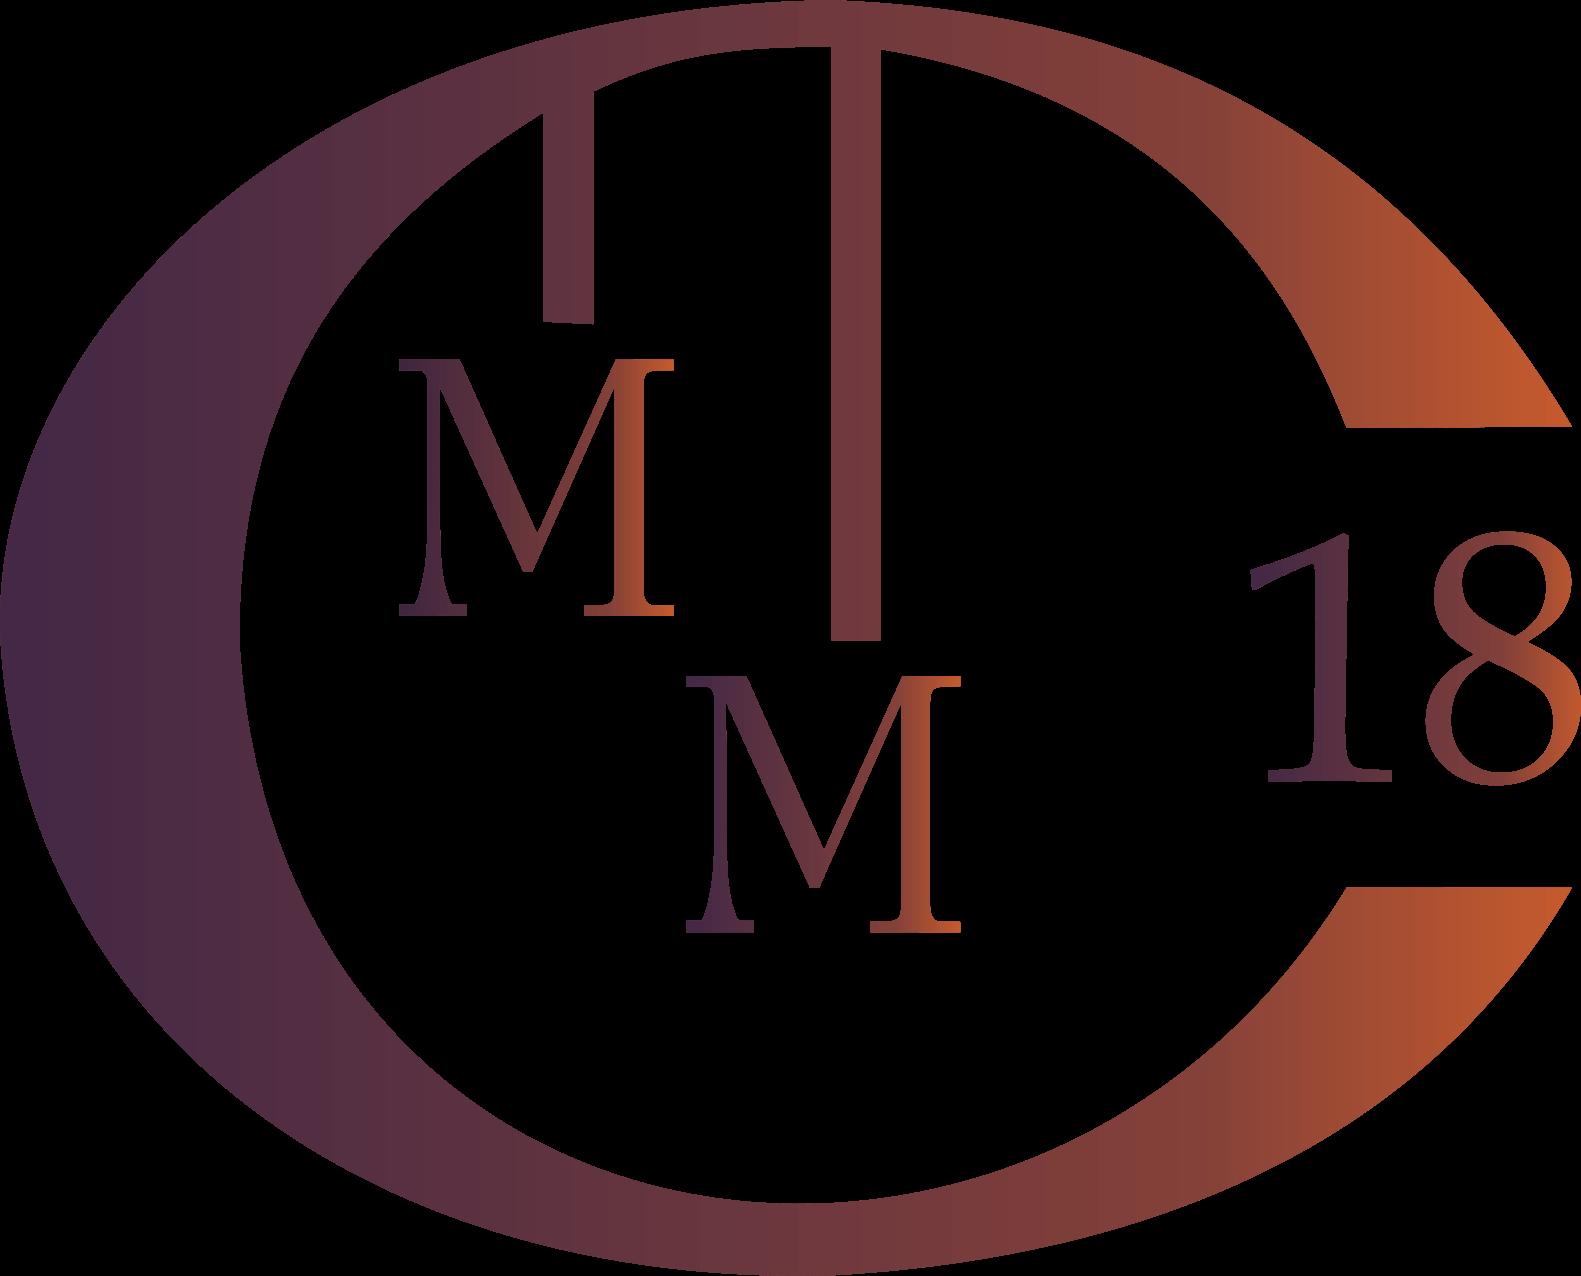 Московский государственный университет имени. М.В.Ломоносова при поддержке Международного союза теоретической и прикладной химии  (IUPAC)